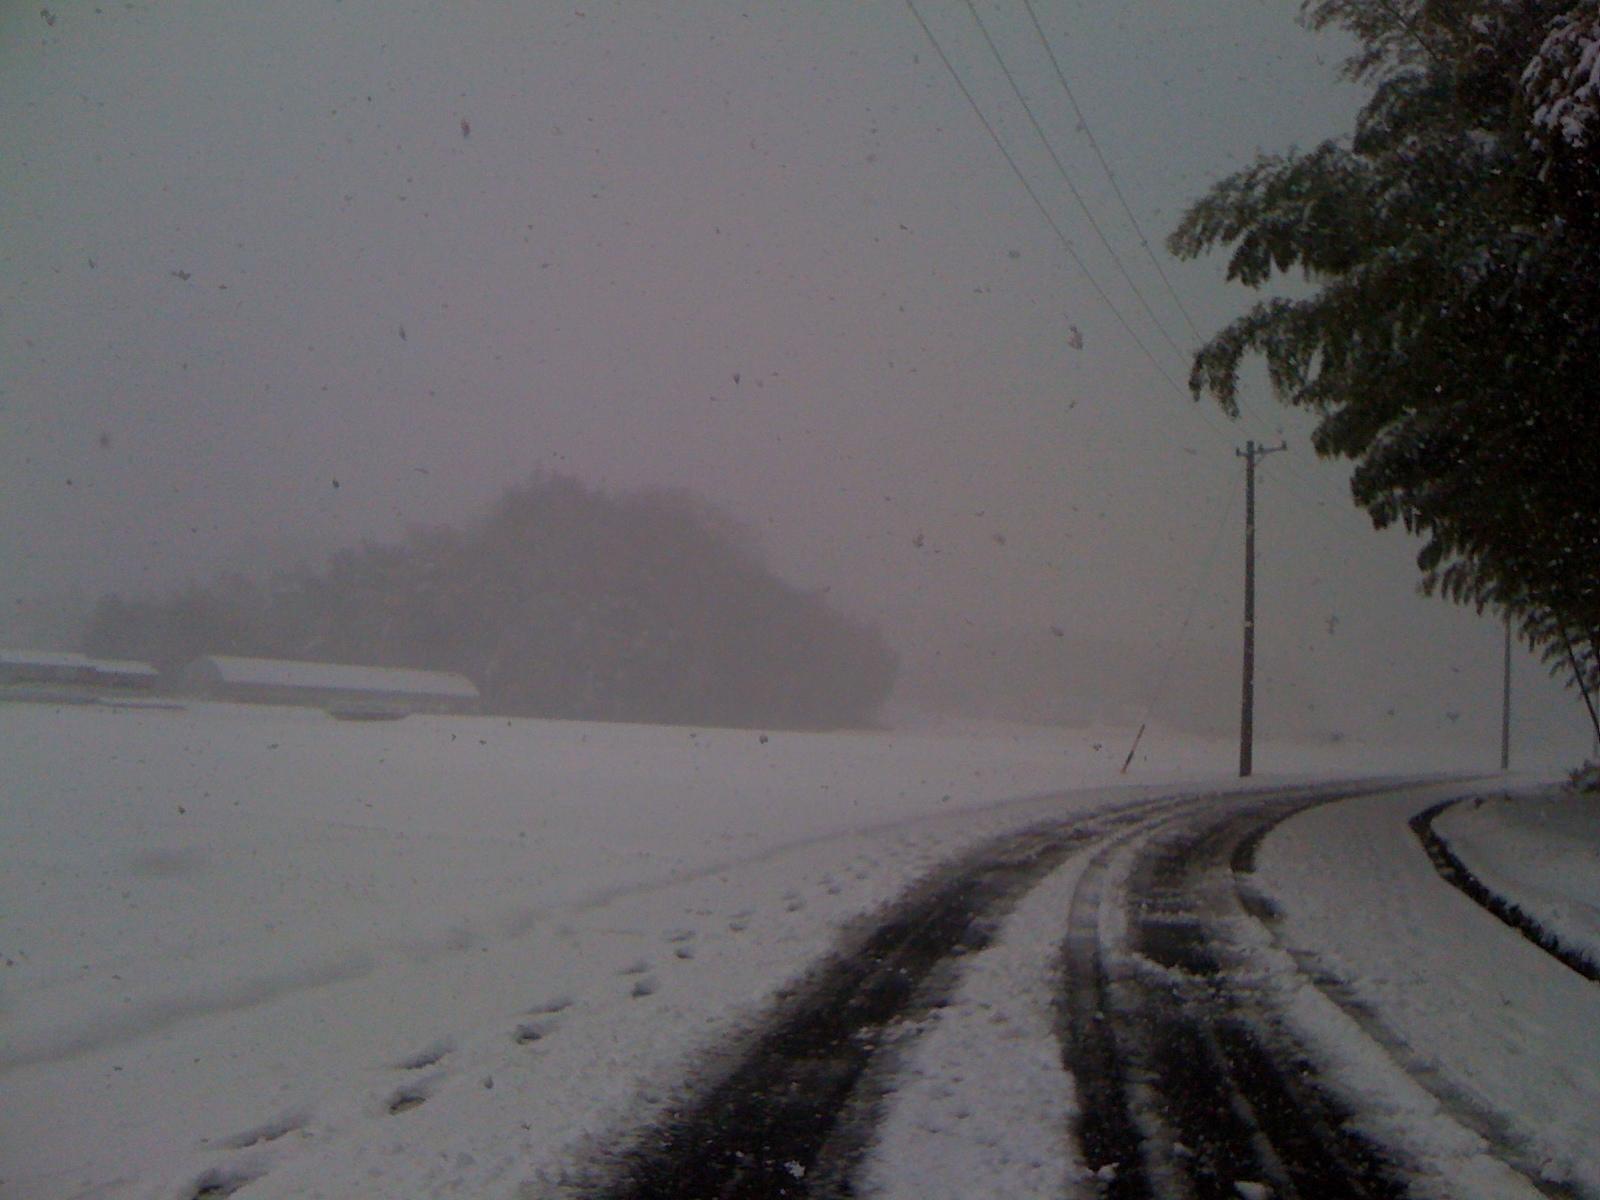 三重県北部 大雪_c0061727_2020224.jpg